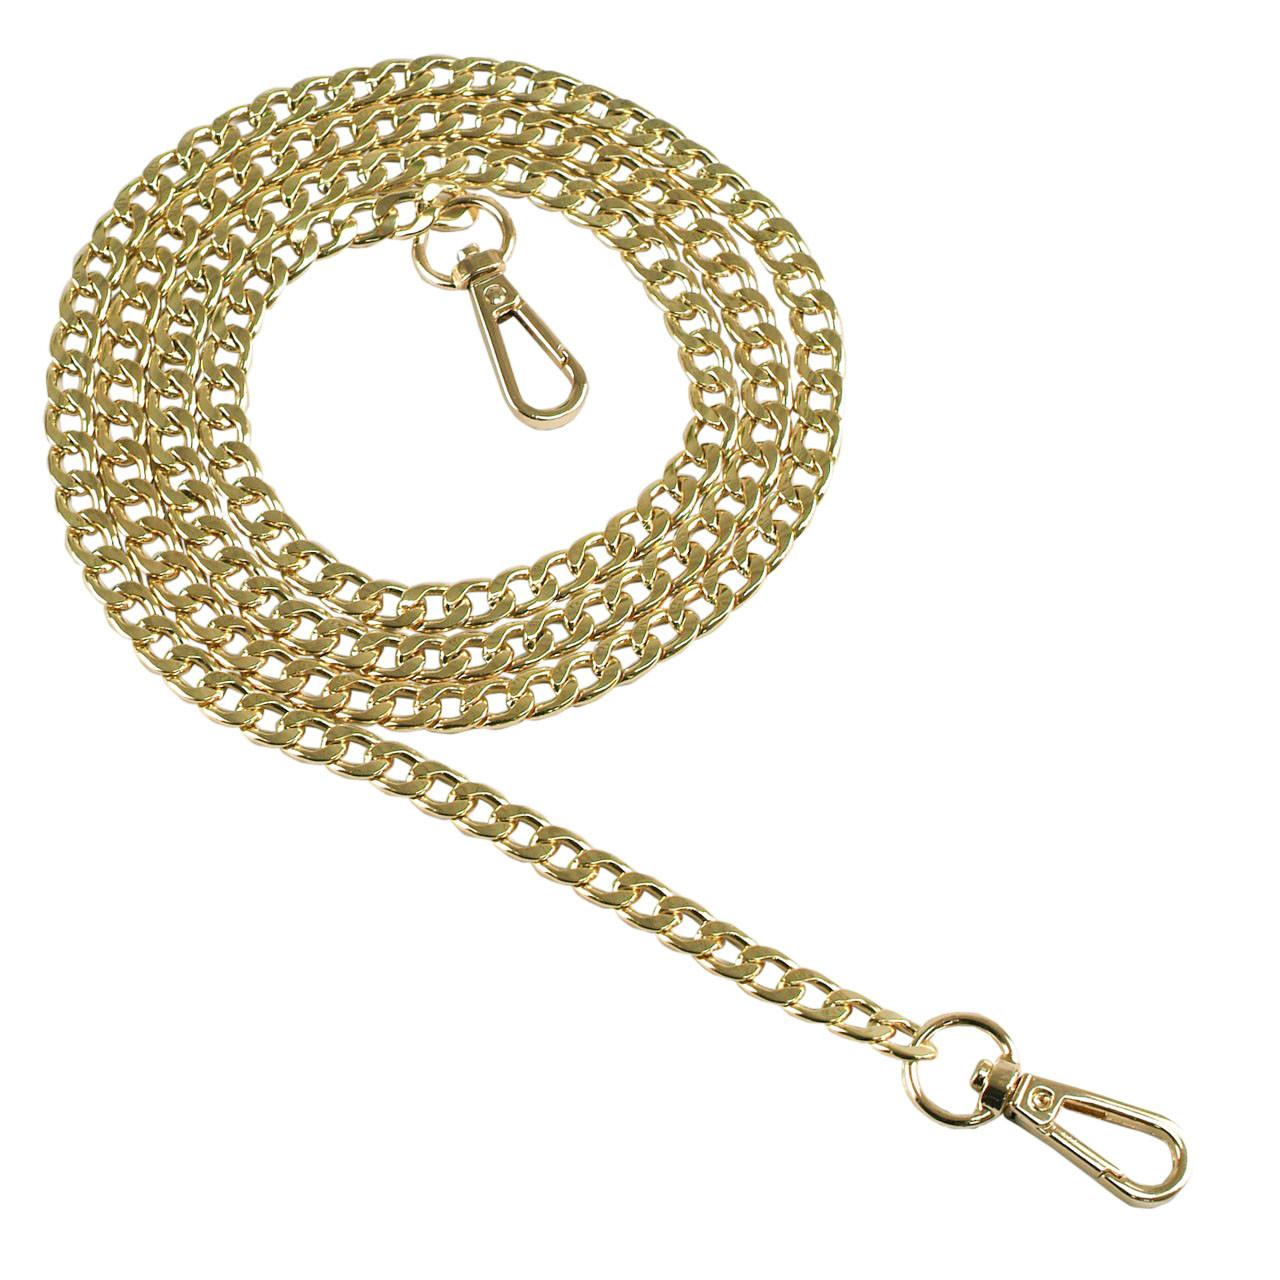 Якірна ланцюг плоска 120 см (8 мм ширина ланки) золото, поворотний карабін 38 мм